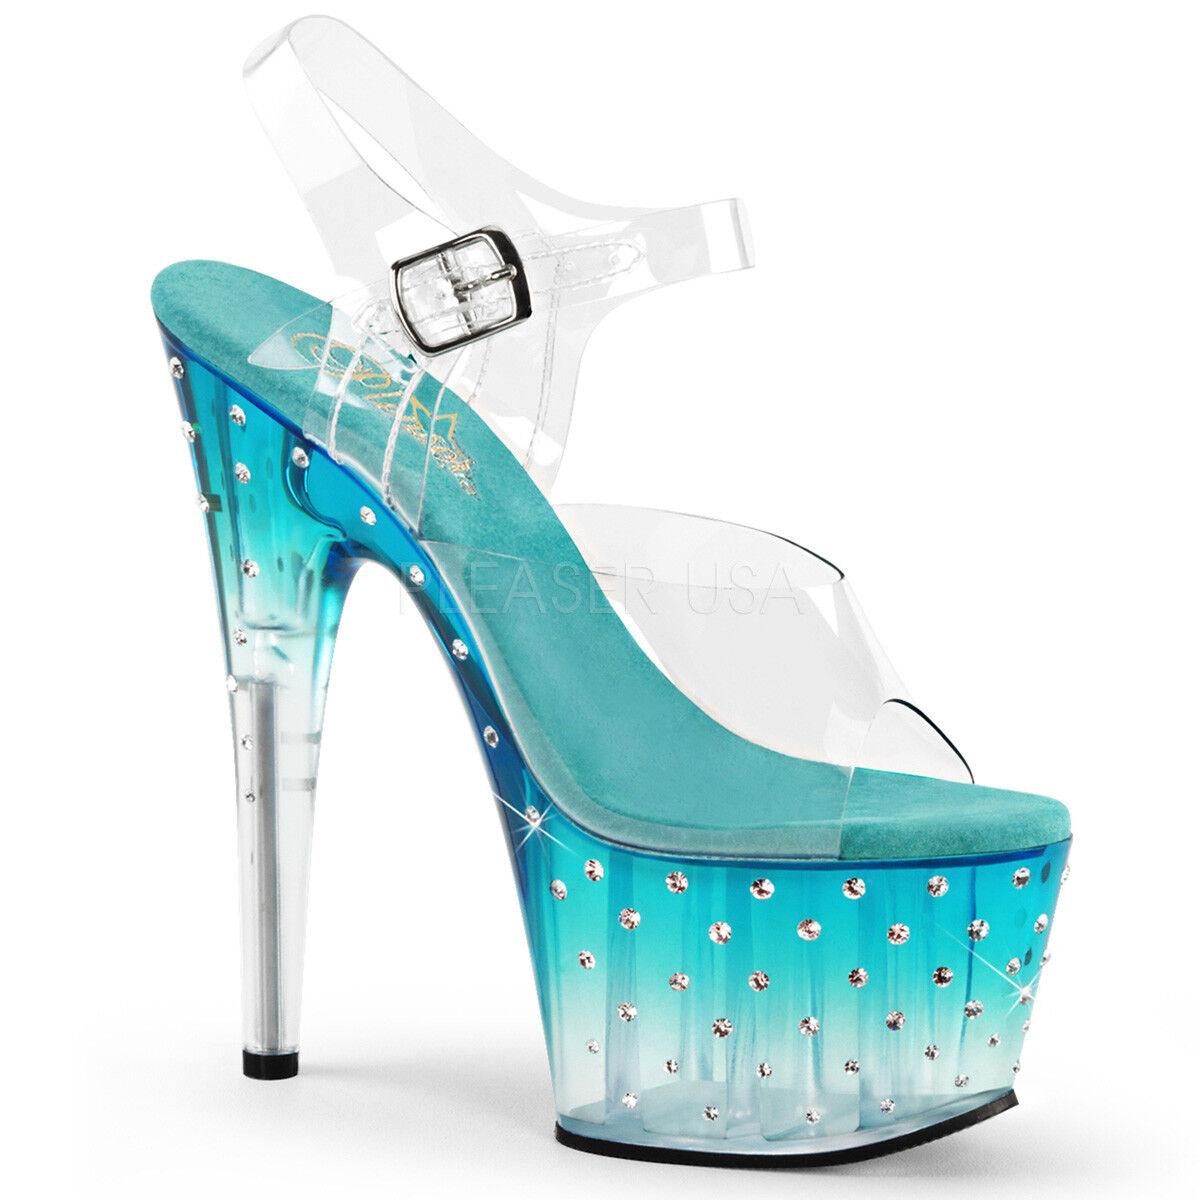 Pleaser STARDUST-708T STARDUST-708T STARDUST-708T Women's Clear Teal Rhinetones Heels Platform Strap Sandals baf1ce